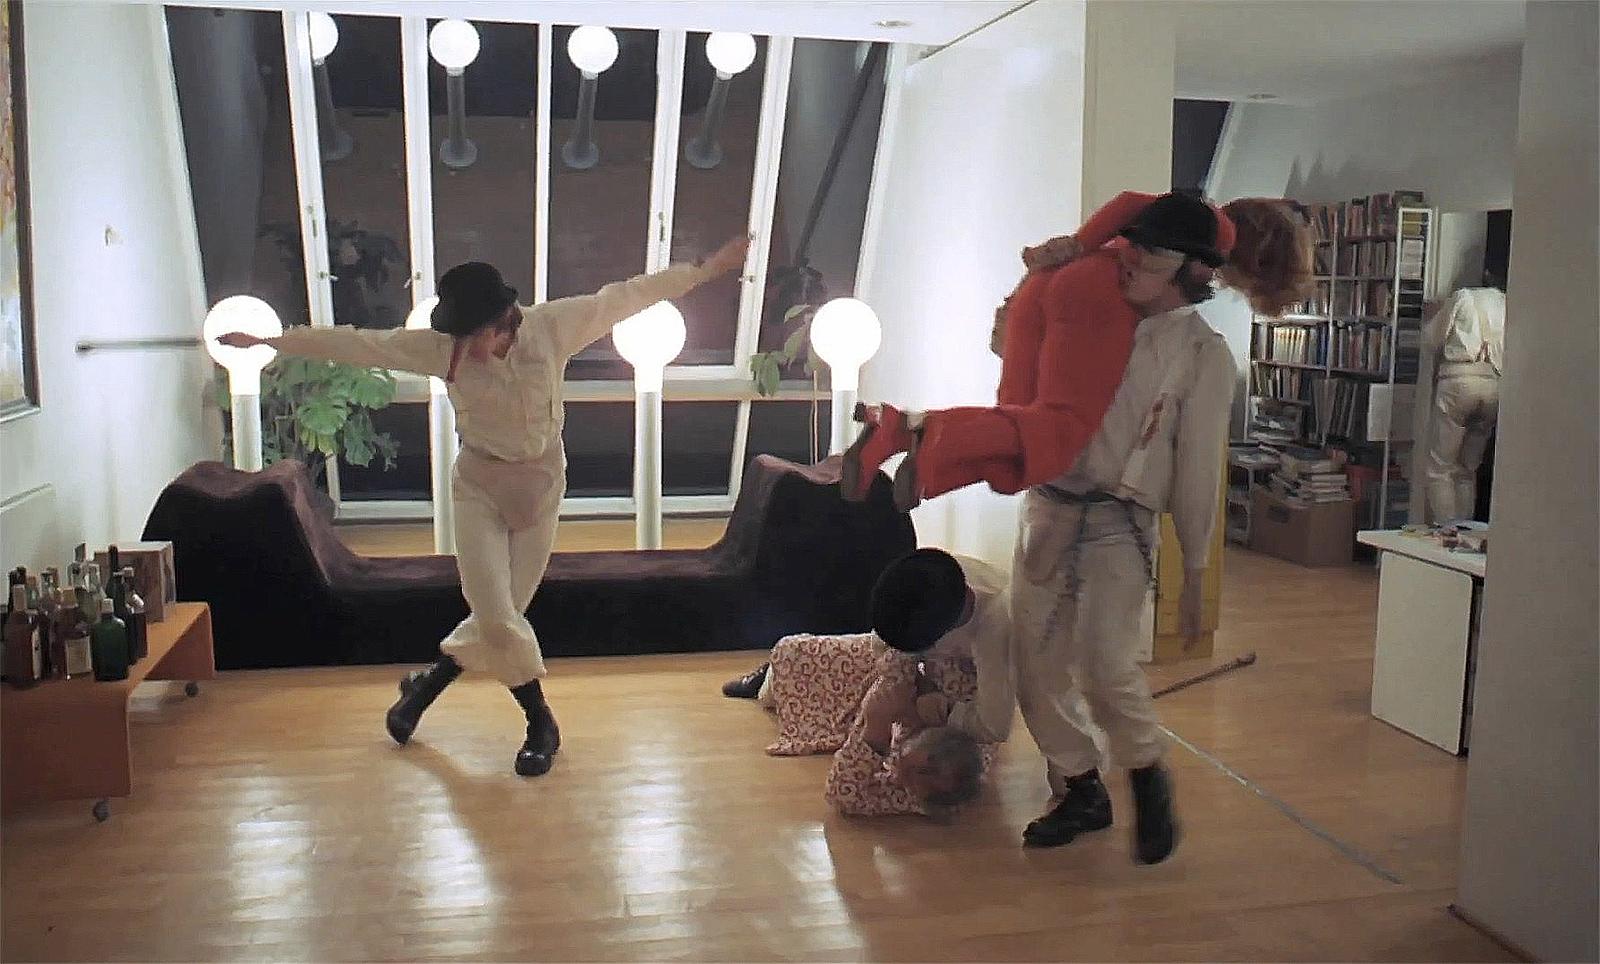 Still from the Jaffe House scene in A Clockwork Orange